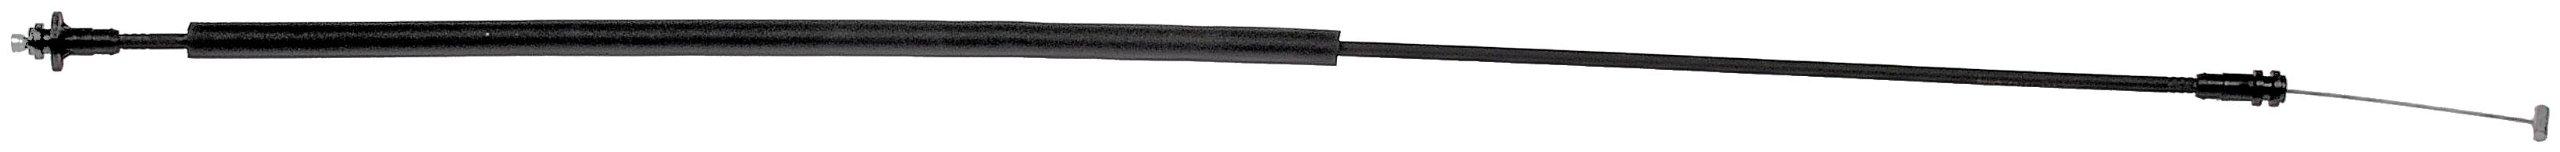 Dorman 924-370 Door Latch Release Cable